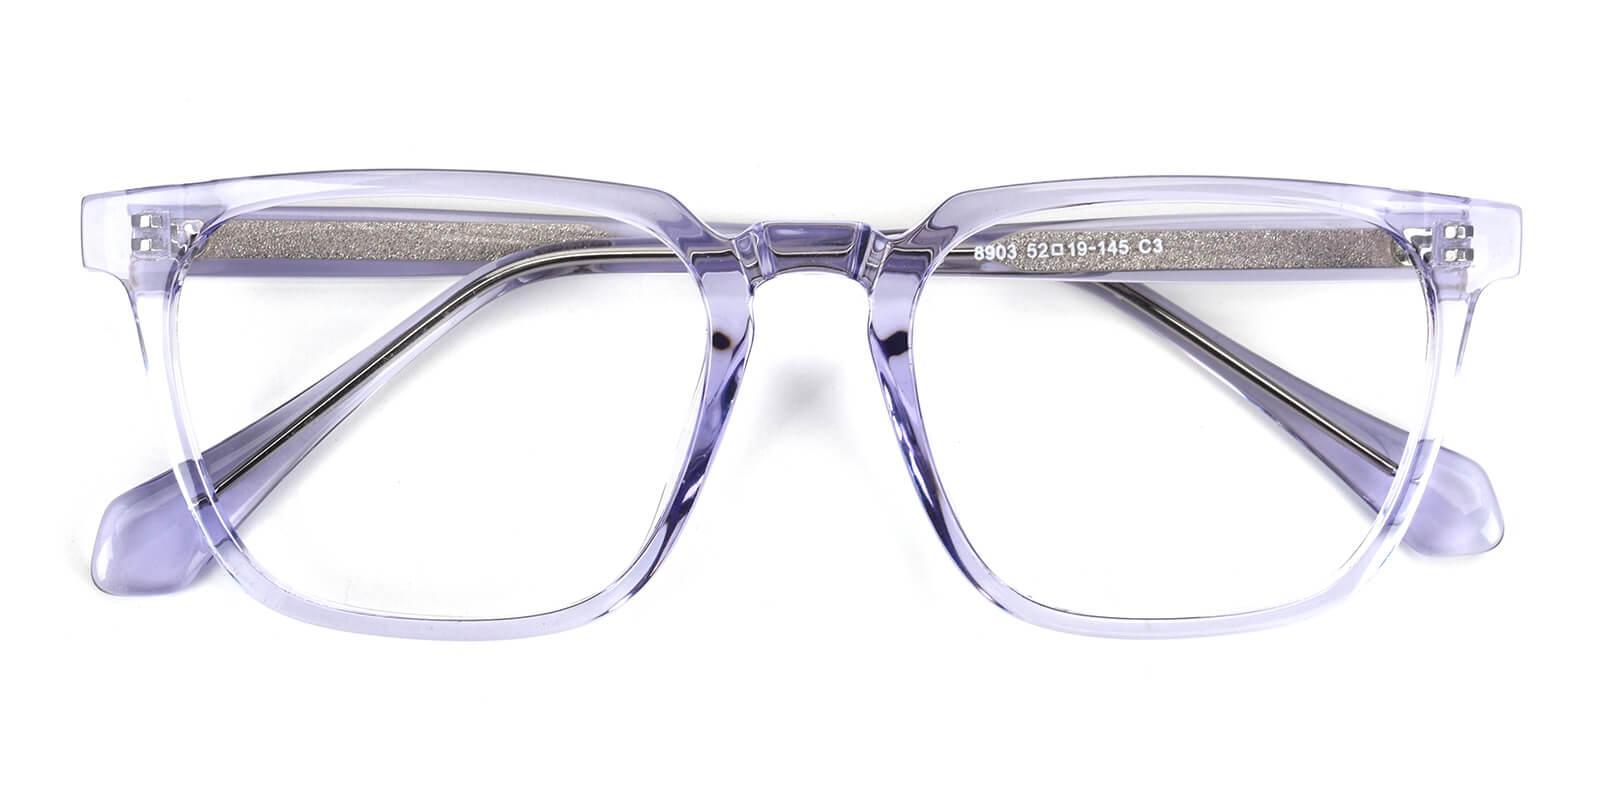 Gekay-Purple-Square-Acetate-Eyeglasses-detail